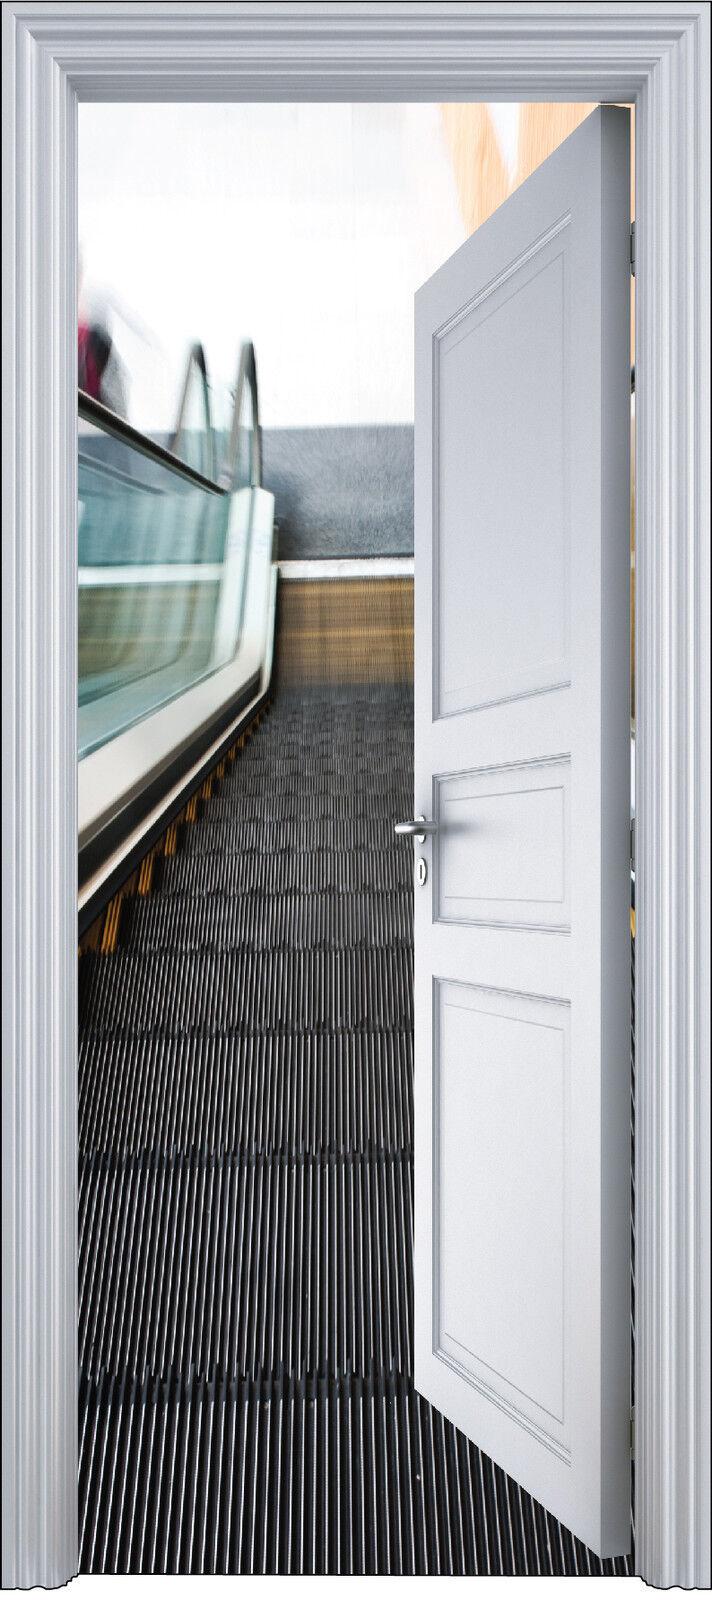 Aufkleber Tür Schein Auge Deko Rolltreppe 90x200 cm Ref 2131